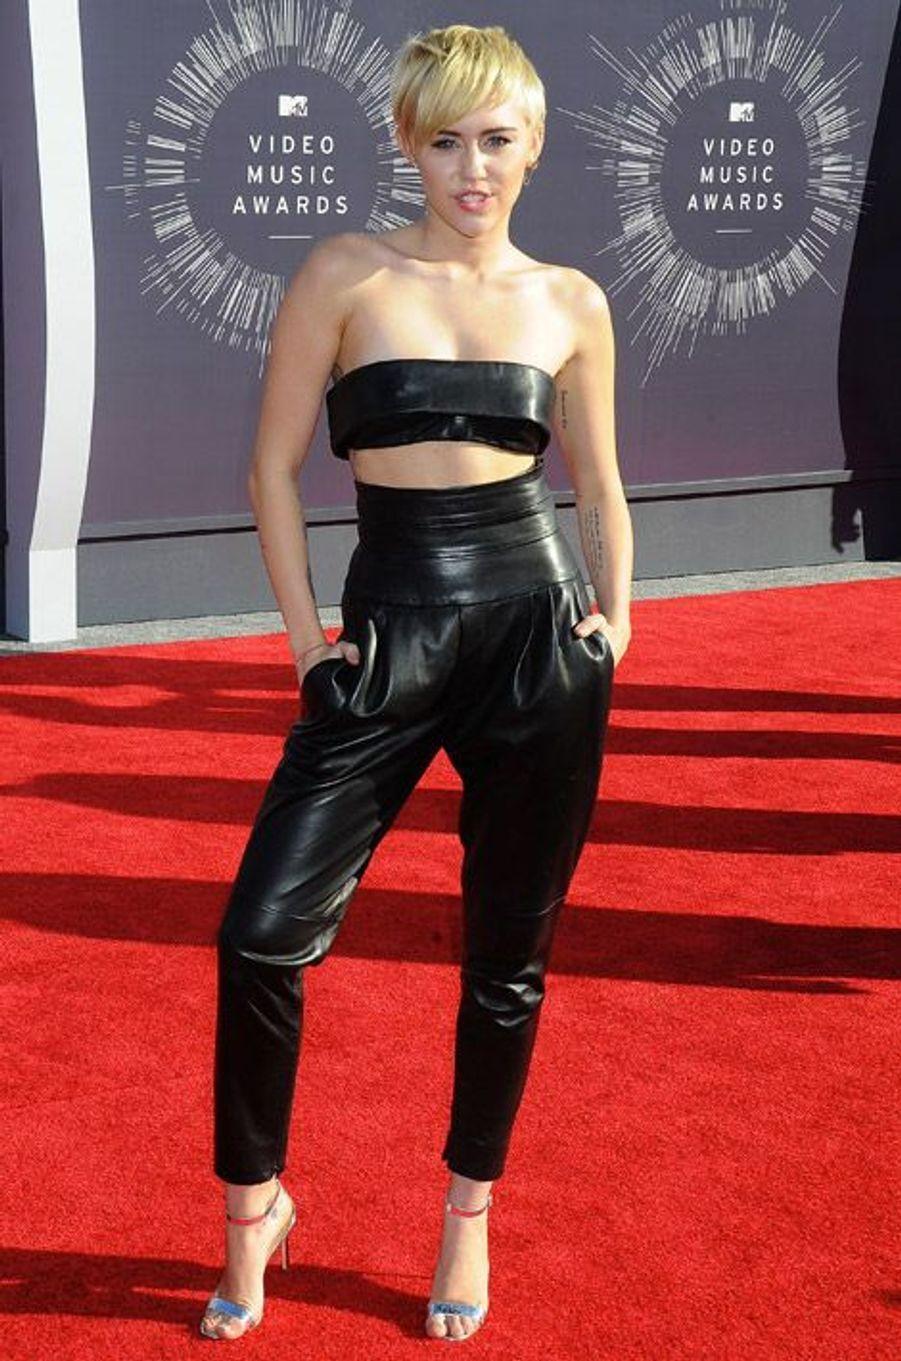 La chanteuse américaine Miley Cyrus en Alexandre Vauthier lors des MTV Video Music Awards à Los Angeles, le 24 août 2014